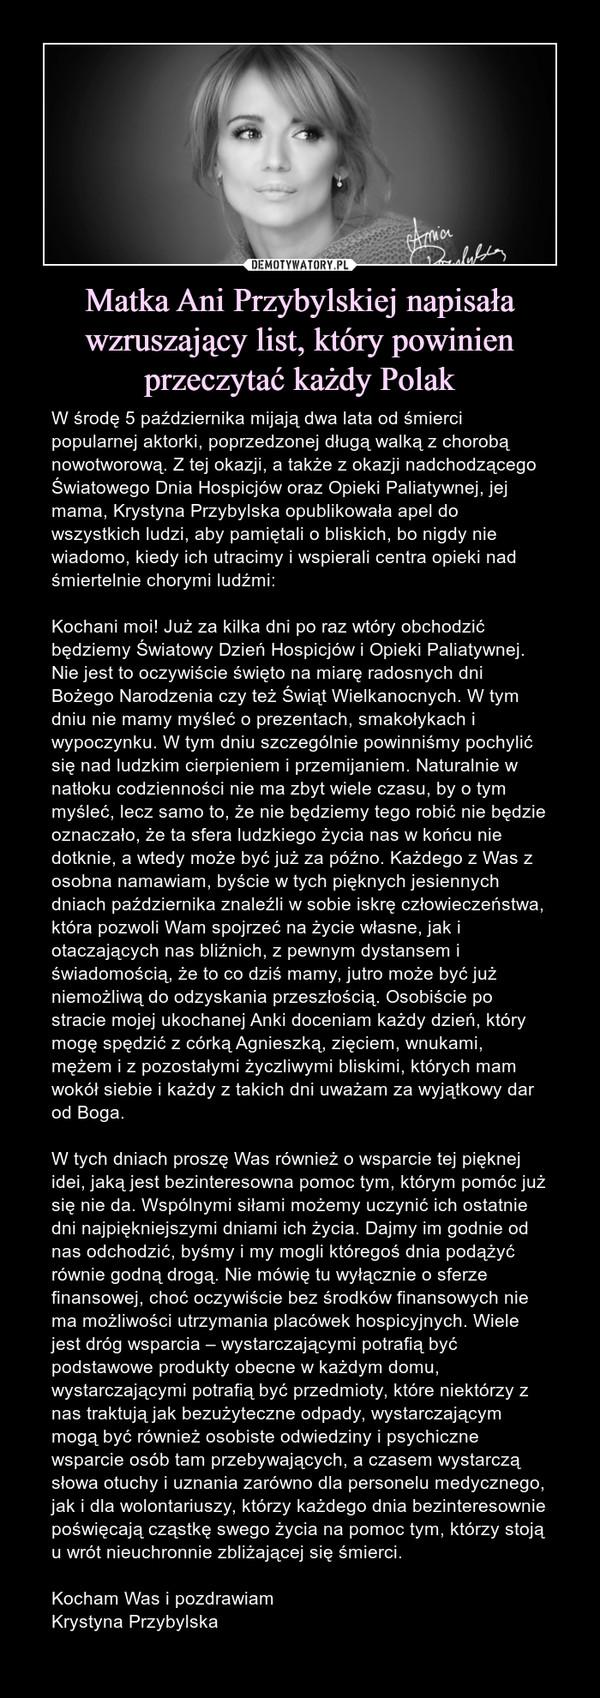 Matka Ani Przybylskiej napisała wzruszający list, który powinien przeczytać każdy Polak – W środę 5 października mijają dwa lata od śmierci popularnej aktorki, poprzedzonej długą walką z chorobą nowotworową. Z tej okazji, a także z okazji nadchodzącego Światowego Dnia Hospicjów oraz Opieki Paliatywnej, jej mama, Krystyna Przybylska opublikowała apel do wszystkich ludzi, aby pamiętali o bliskich, bo nigdy nie wiadomo, kiedy ich utracimy i wspierali centra opieki nad śmiertelnie chorymi ludźmi:Kochani moi! Już za kilka dni po raz wtóry obchodzić będziemy Światowy Dzień Hospicjów i Opieki Paliatywnej. Nie jest to oczywiście święto na miarę radosnych dni Bożego Narodzenia czy też Świąt Wielkanocnych. W tym dniu nie mamy myśleć o prezentach, smakołykach i wypoczynku. W tym dniu szczególnie powinniśmy pochylić się nad ludzkim cierpieniem i przemijaniem. Naturalnie w natłoku codzienności nie ma zbyt wiele czasu, by o tym myśleć, lecz samo to, że nie będziemy tego robić nie będzie oznaczało, że ta sfera ludzkiego życia nas w końcu nie dotknie, a wtedy może być już za późno. Każdego z Was z osobna namawiam, byście w tych pięknych jesiennych dniach października znaleźli w sobie iskrę człowieczeństwa, która pozwoli Wam spojrzeć na życie własne, jak i otaczających nas bliźnich, z pewnym dystansem i świadomością, że to co dziś mamy, jutro może być już niemożliwą do odzyskania przeszłością. Osobiście po stracie mojej ukochanej Anki doceniam każdy dzień, który mogę spędzić z córką Agnieszką, zięciem, wnukami, mężem i z pozostałymi życzliwymi bliskimi, których mam wokół siebie i każdy z takich dni uważam za wyjątkowy dar od Boga.W tych dniach proszę Was również o wsparcie tej pięknej idei, jaką jest bezinteresowna pomoc tym, którym pomóc już się nie da. Wspólnymi siłami możemy uczynić ich ostatnie dni najpiękniejszymi dniami ich życia. Dajmy im godnie od nas odchodzić, byśmy i my mogli któregoś dnia podążyć równie godną drogą. Nie mówię tu wyłącznie o sferze finansowej, choć oczywi